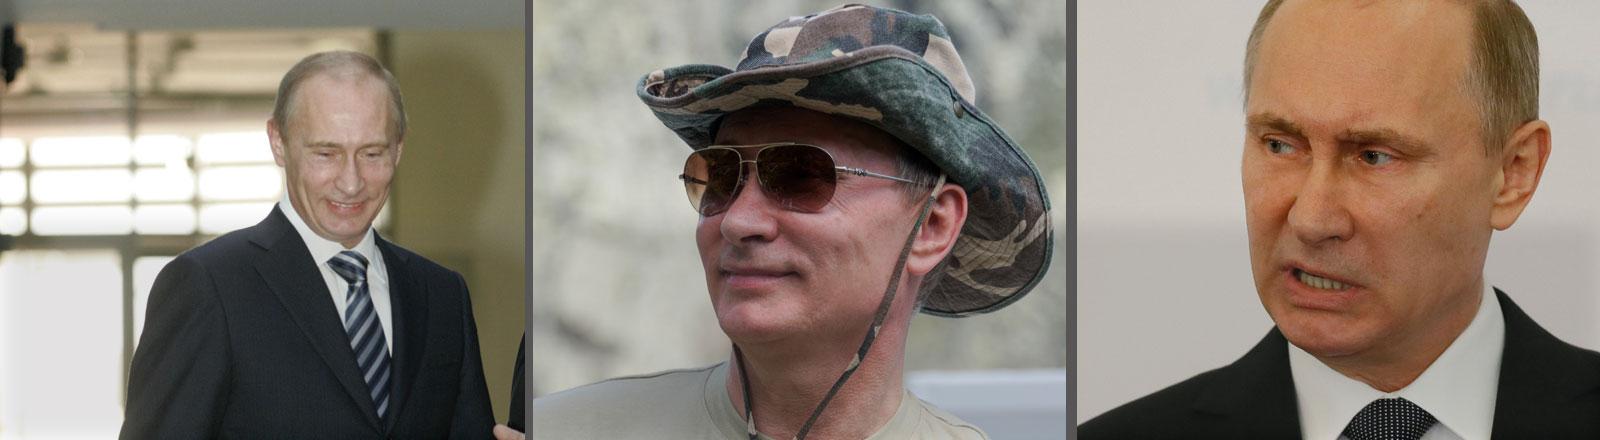 Verschiedene Bilder, die Wladimir Putin zeigen